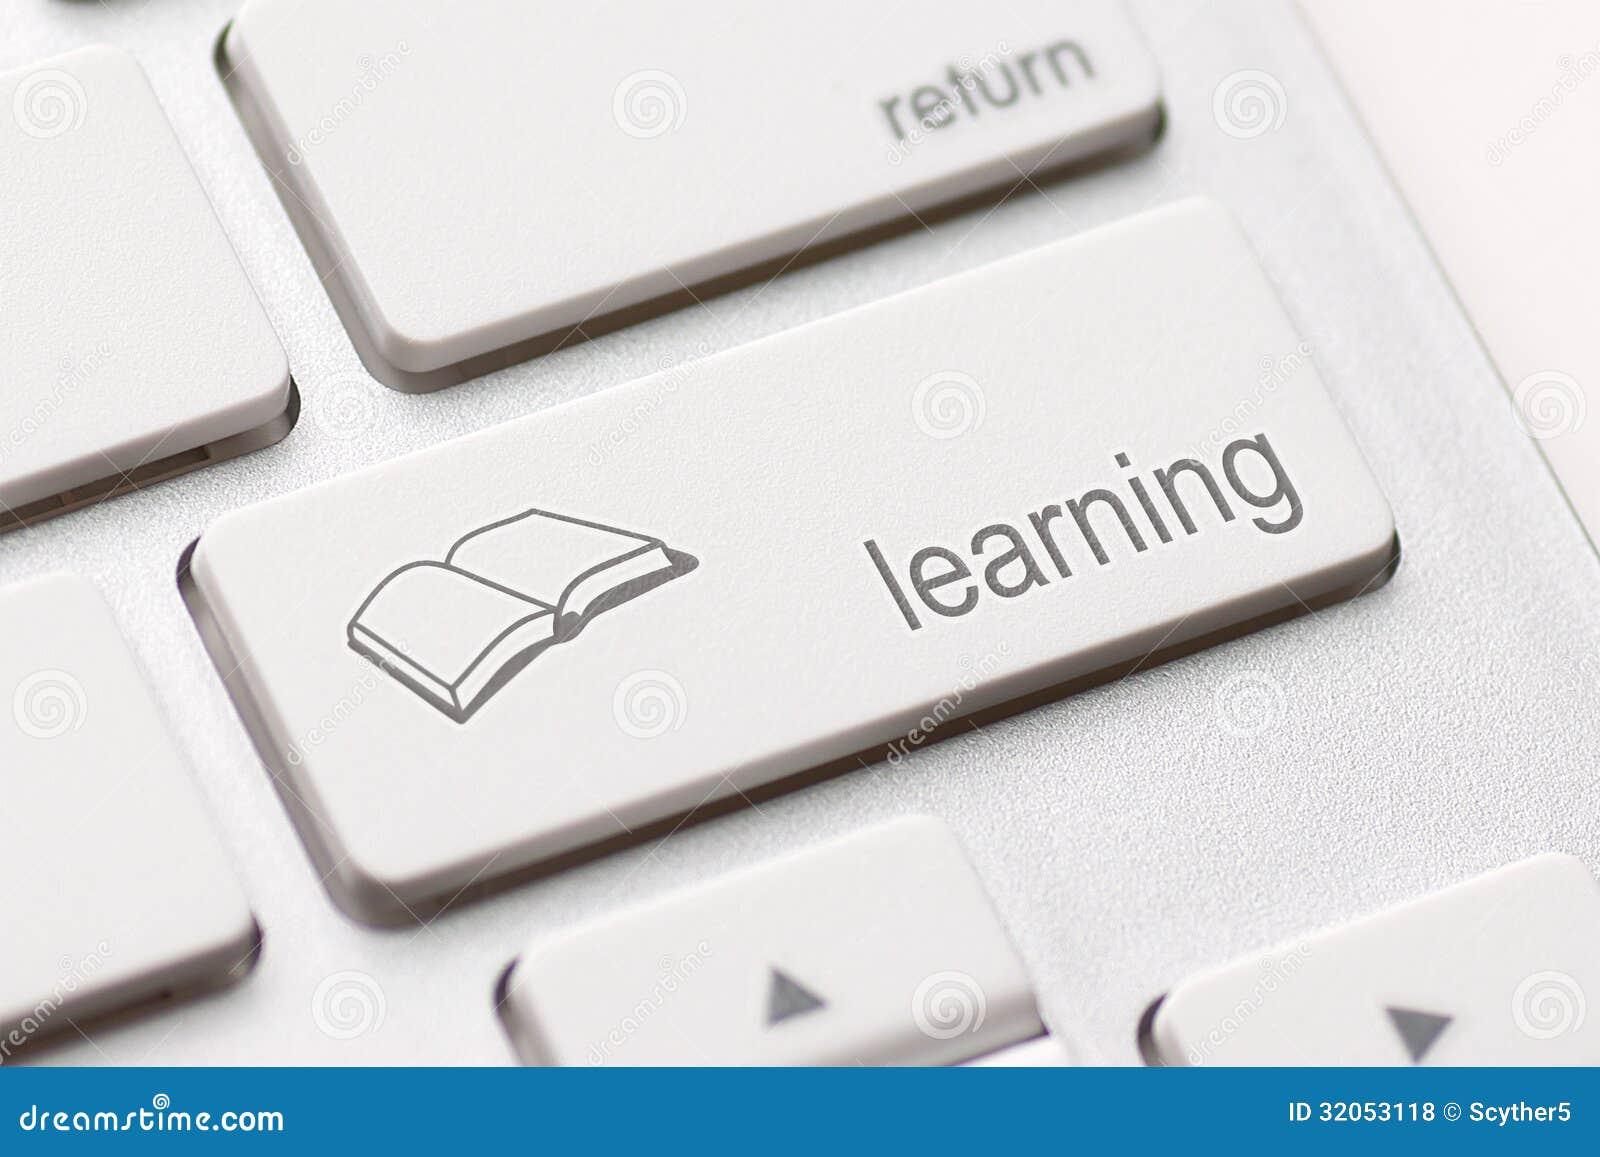 Conceito do ensino eletrónico. Teclado de computador